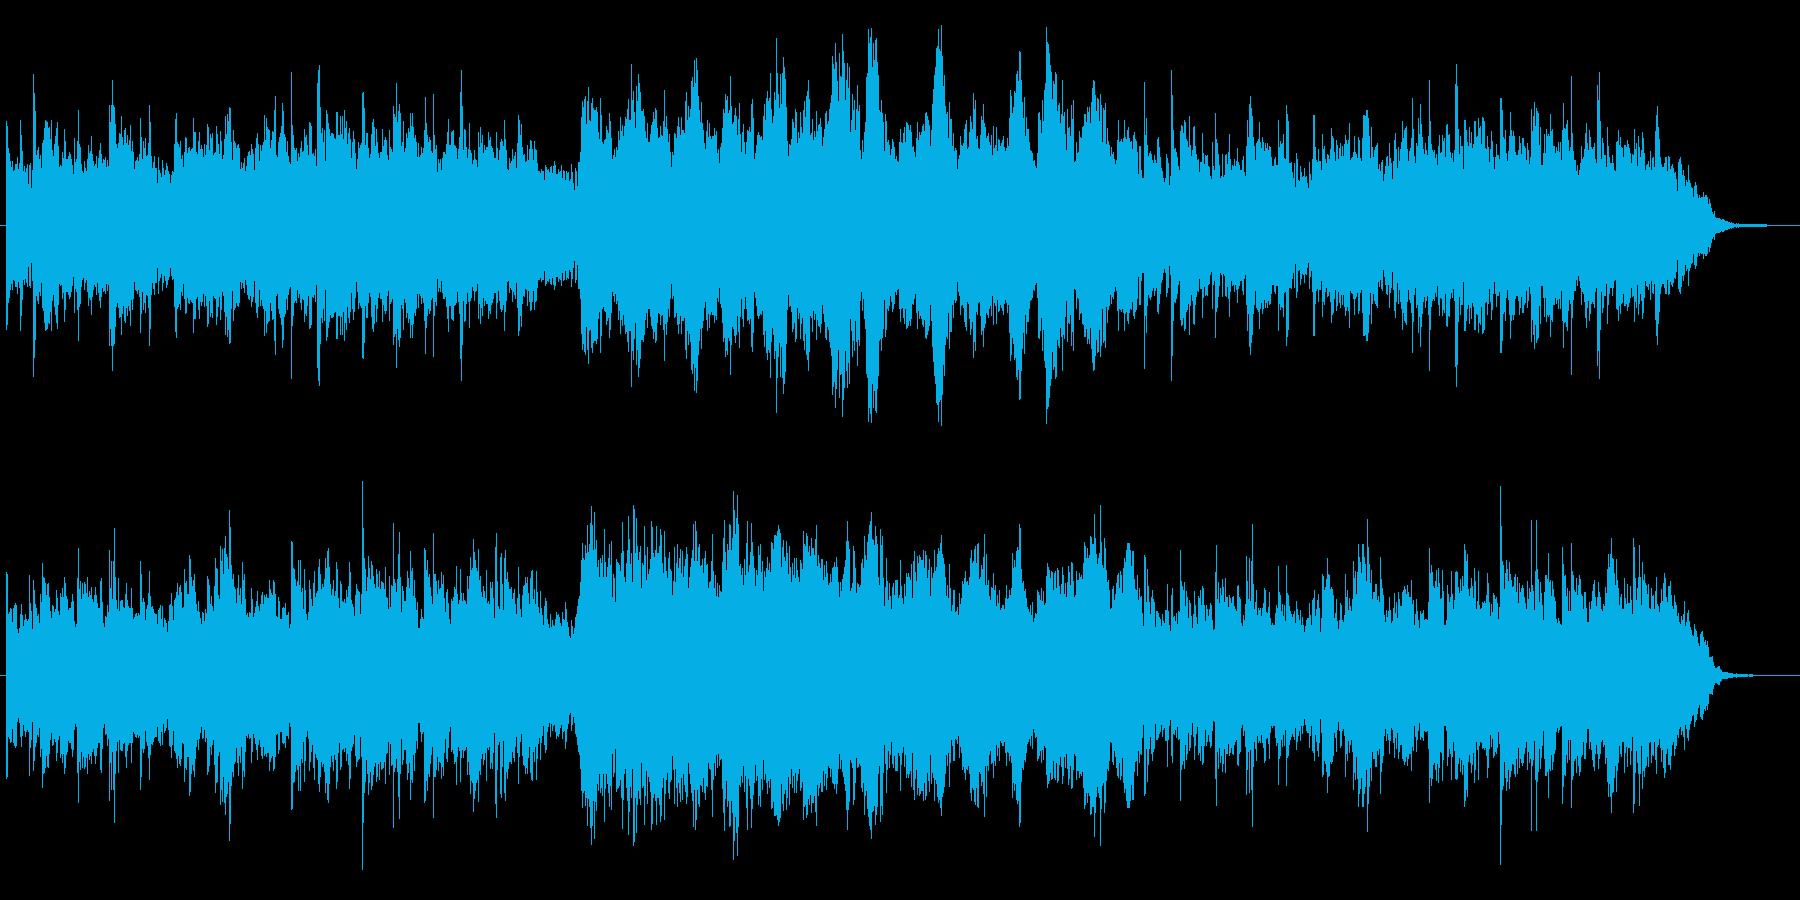 神秘的な空模様を表現したヒーリングの再生済みの波形